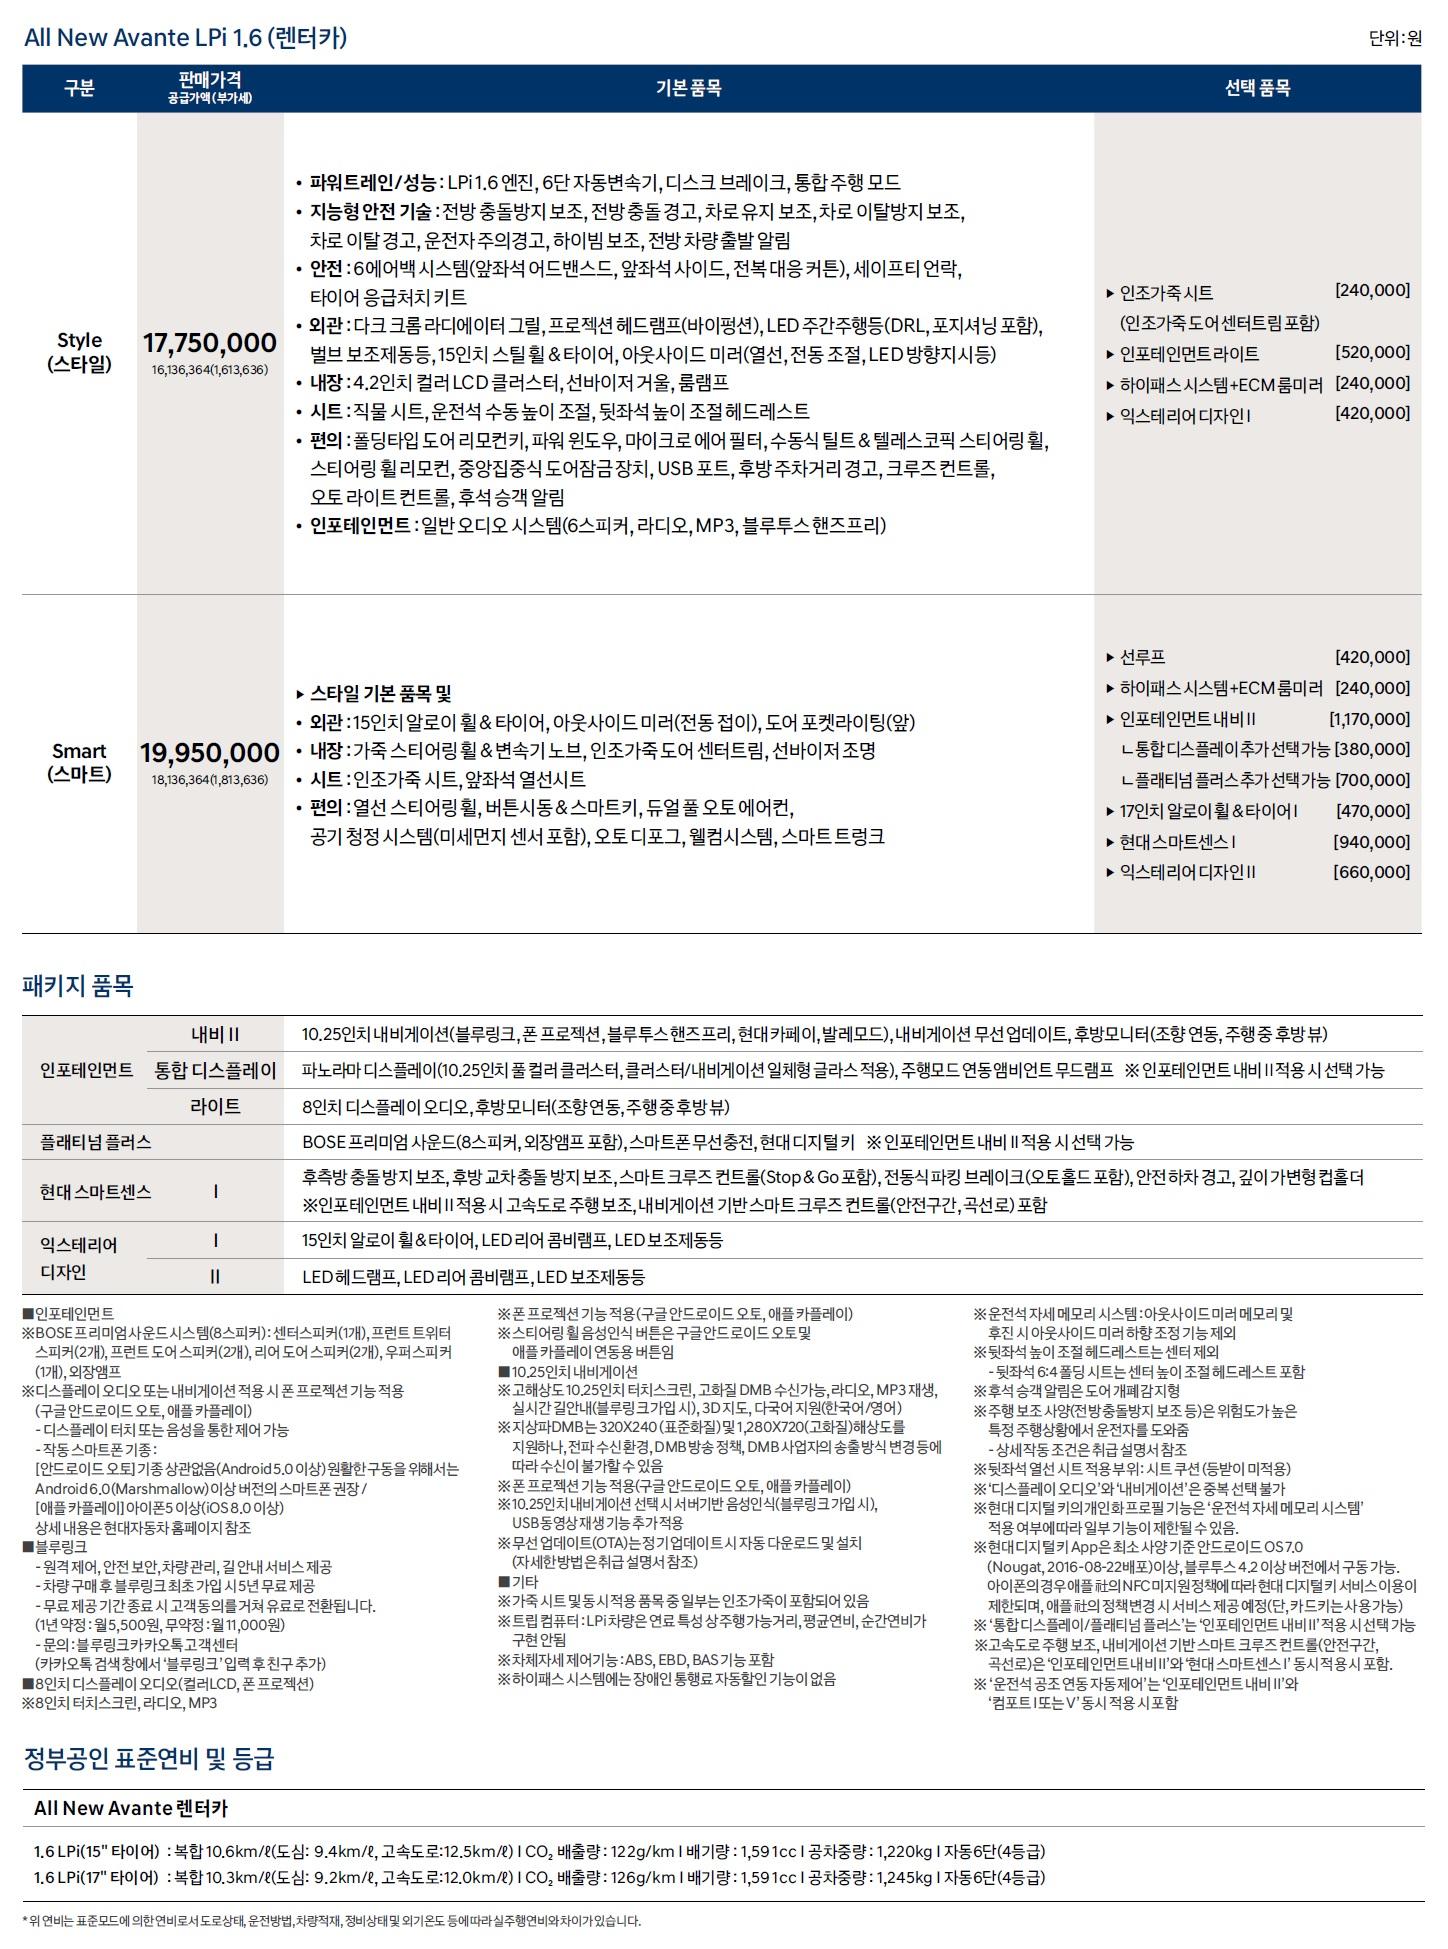 아반떼 가격표 - 2020년 04월 -4.jpg